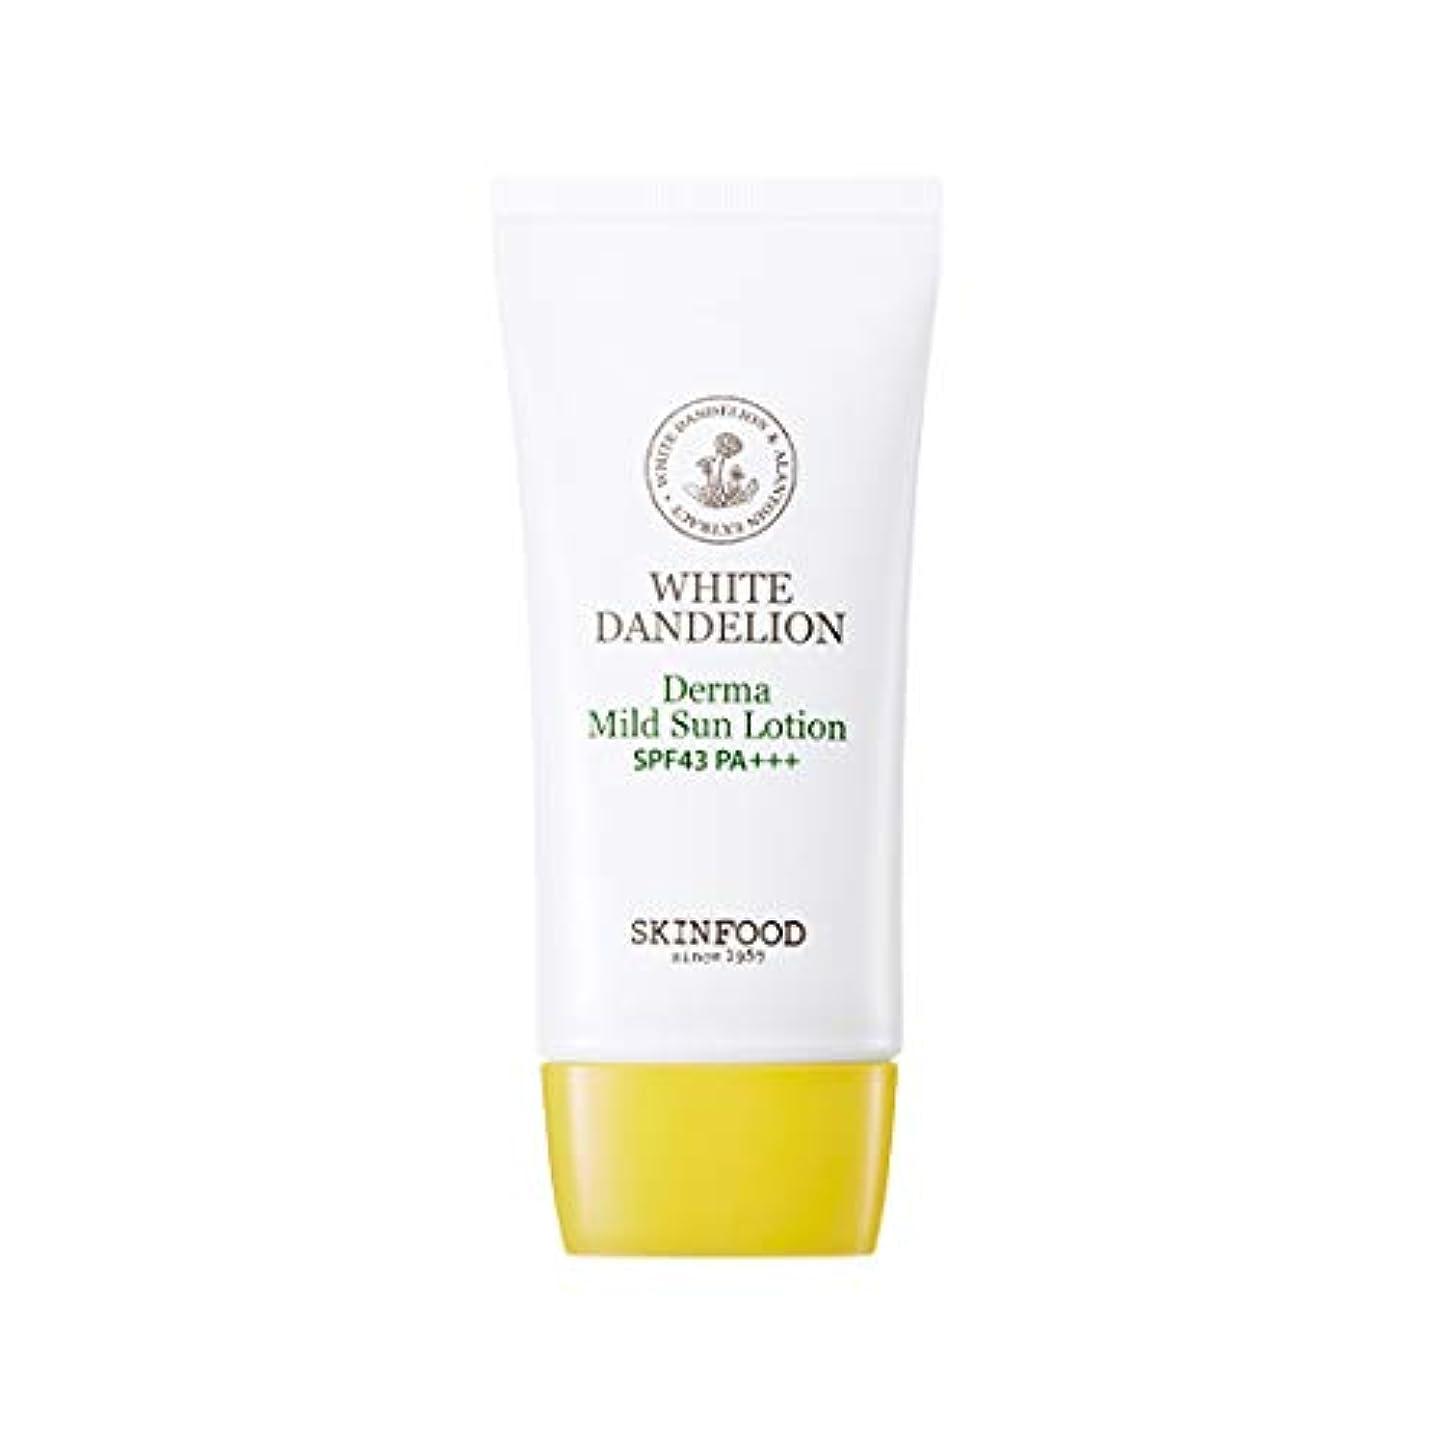 葉っぱ緊張公使館Skinfood ホワイトタンポポダーママイルドサンローションSPF43 PA +++ / White Dandelion Derma Mild Sun Lotion SPF43 PA+++ 50g [並行輸入品]